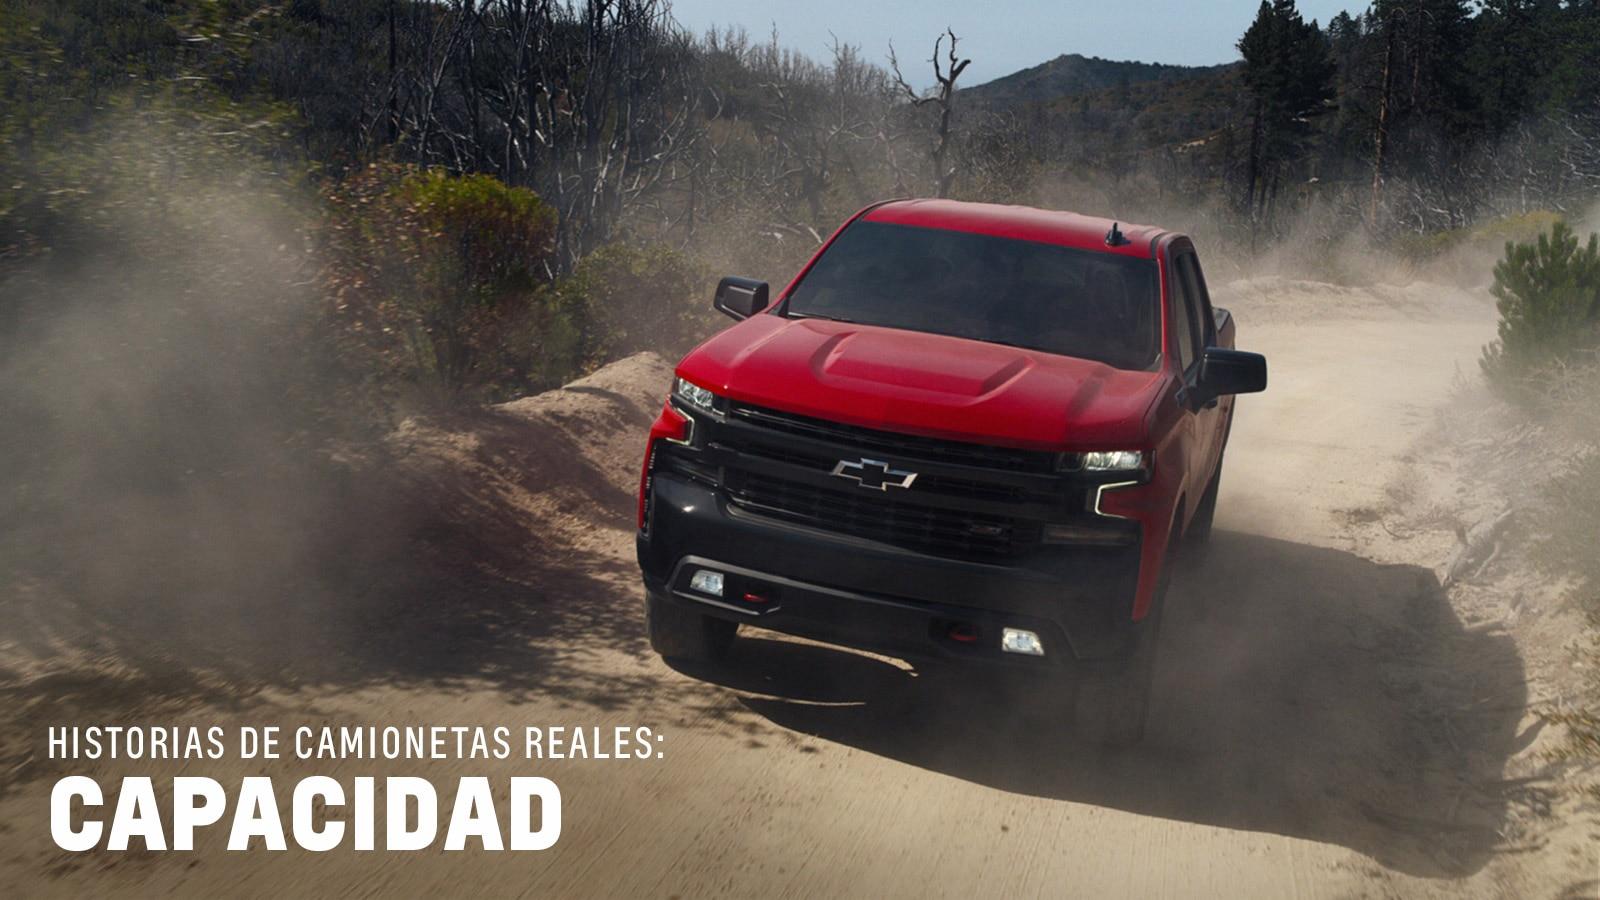 Video del desempeño de la camioneta Silverado 1500 2019